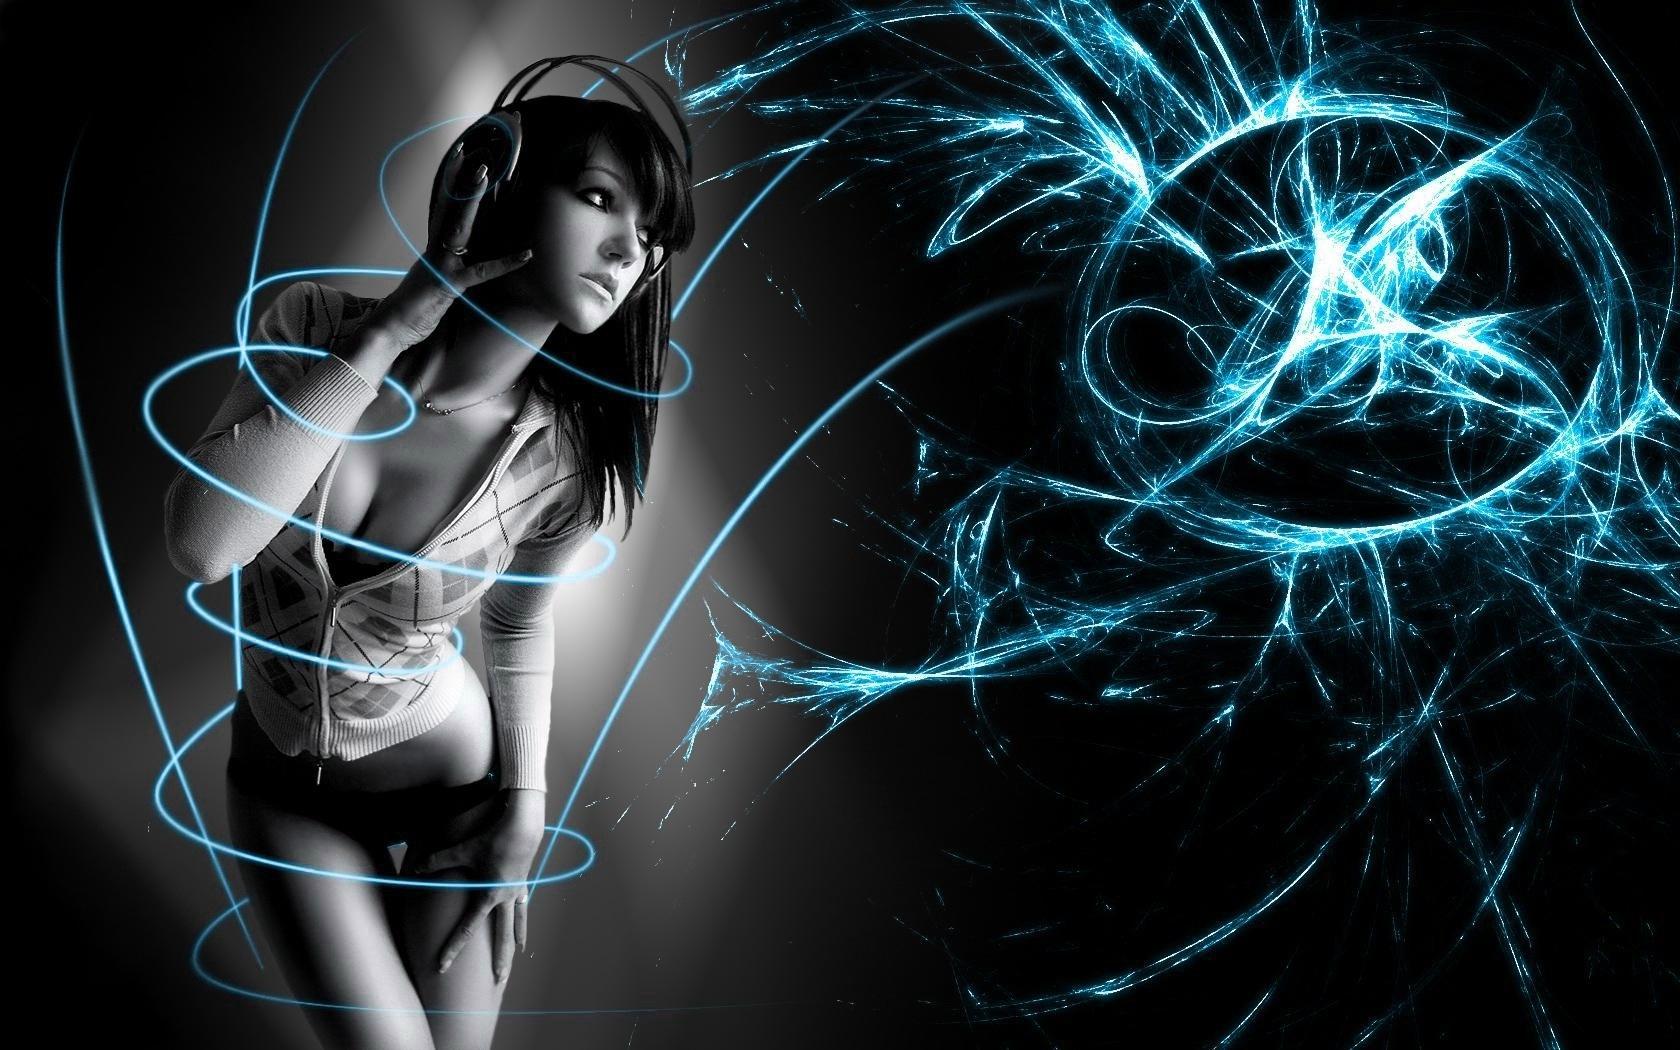 Fantasy girl dj wallpaper for Dark house music